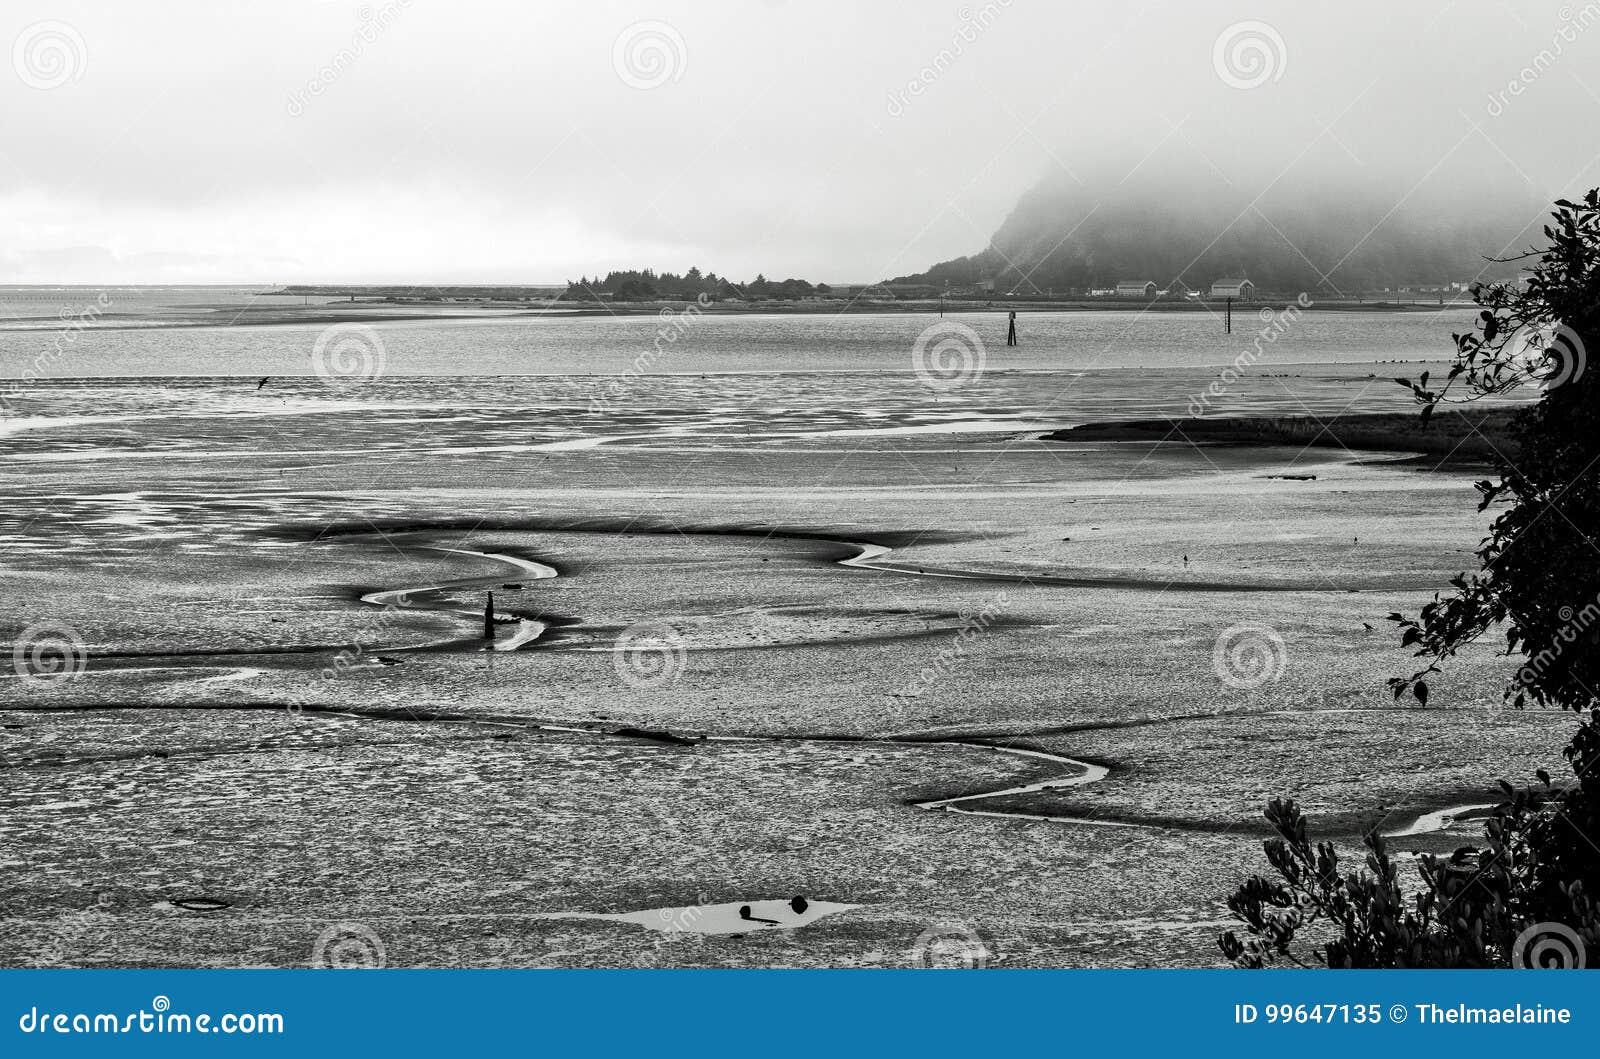 Mudflats at Low Tide op een Mistige Dag in zwart-wit